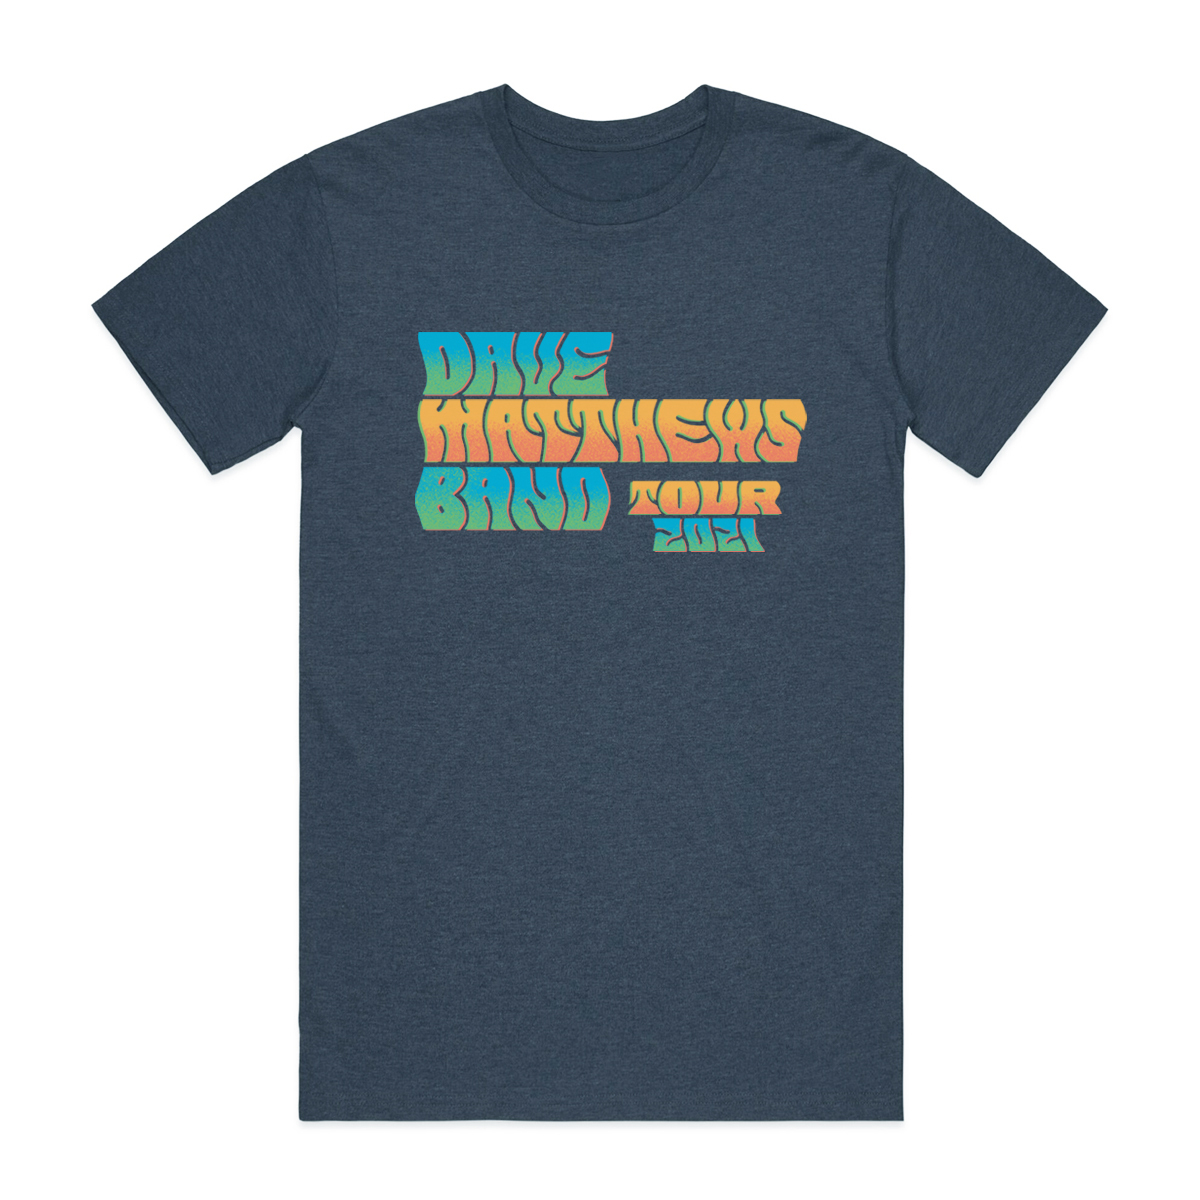 2021 Tour Short Sleeve Tour Shirt